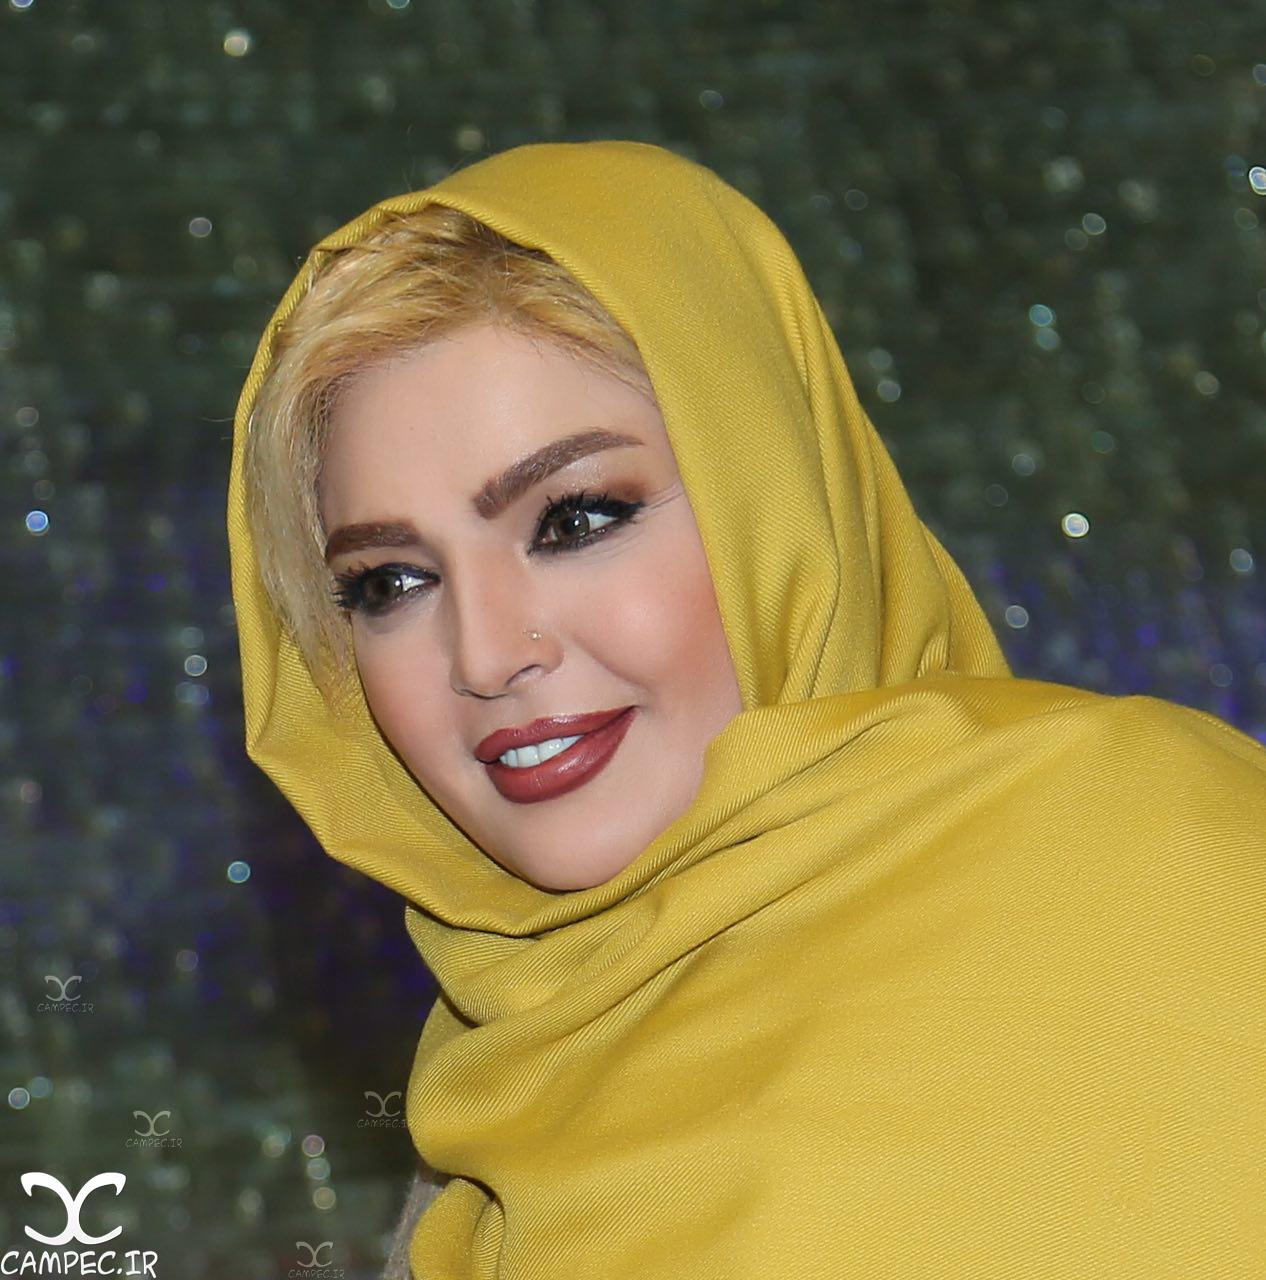 شهرزاد عبدالمجید در مراسم اکران فیلم لاک قرمز